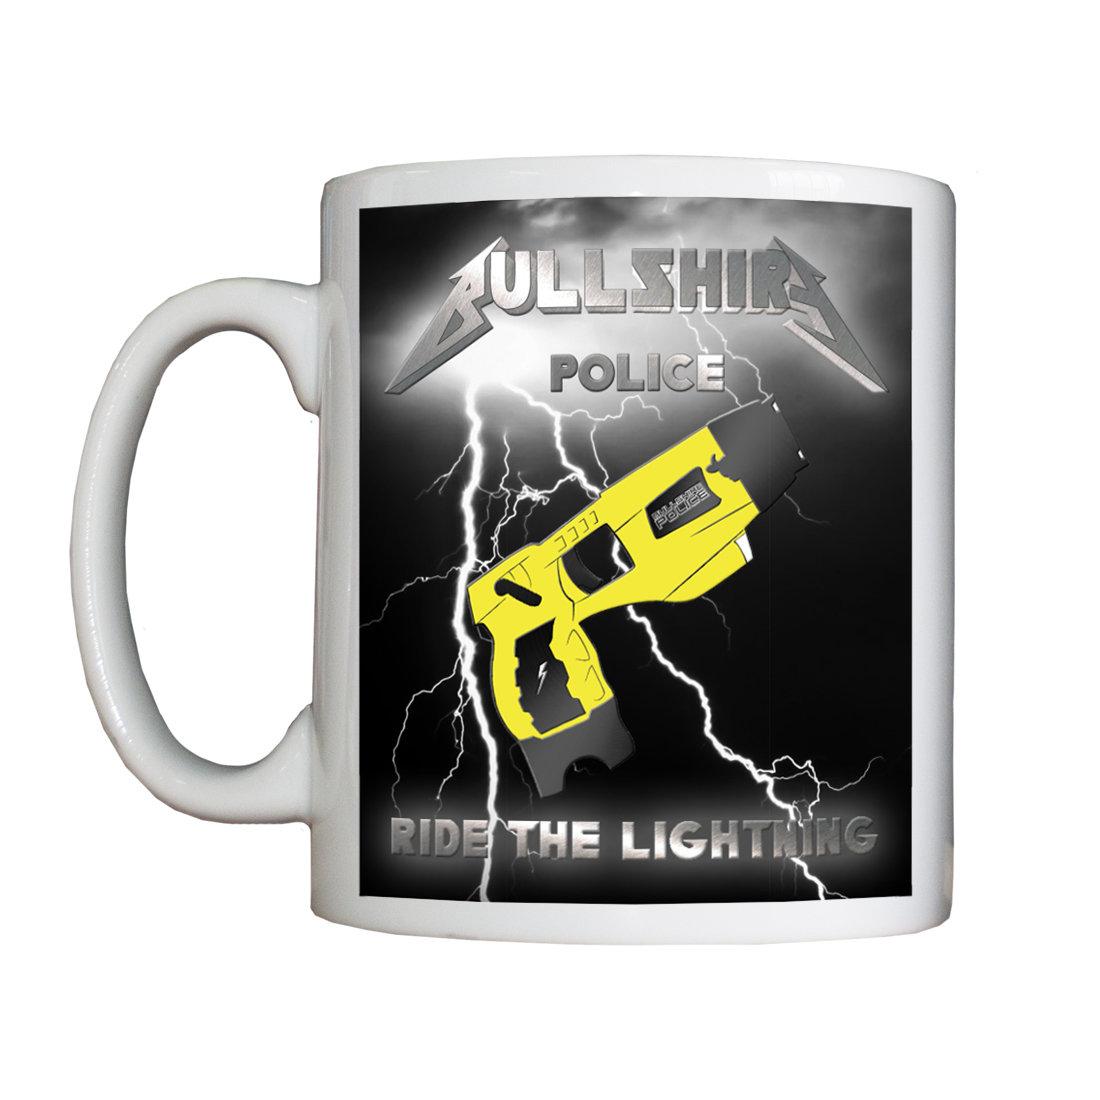 Personalised 'Ride the Lightning' Mug Bzzz RideTheLightningMugBzzzTASER